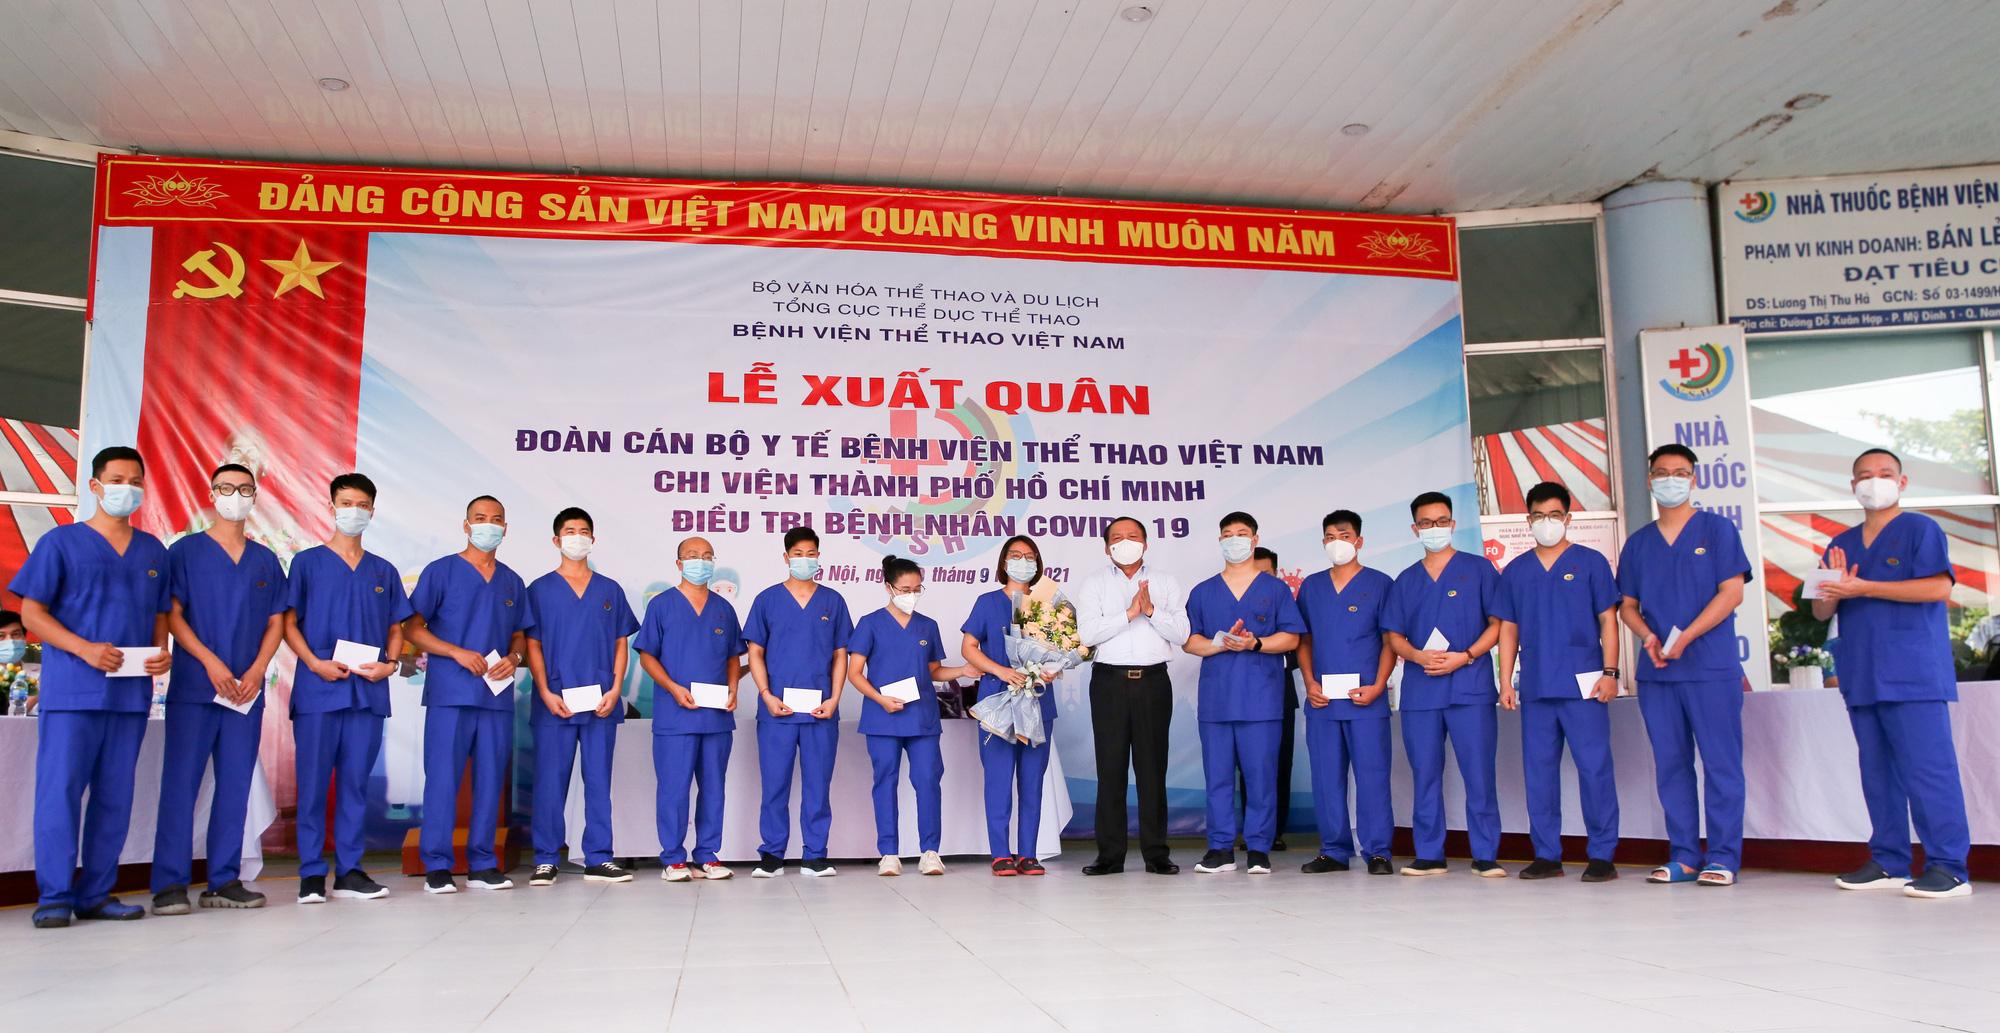 Bệnh viên Thể thao Việt Nam xuất quân tăng cường lực lượng vào miền Nam chống dịch - Ảnh 8.